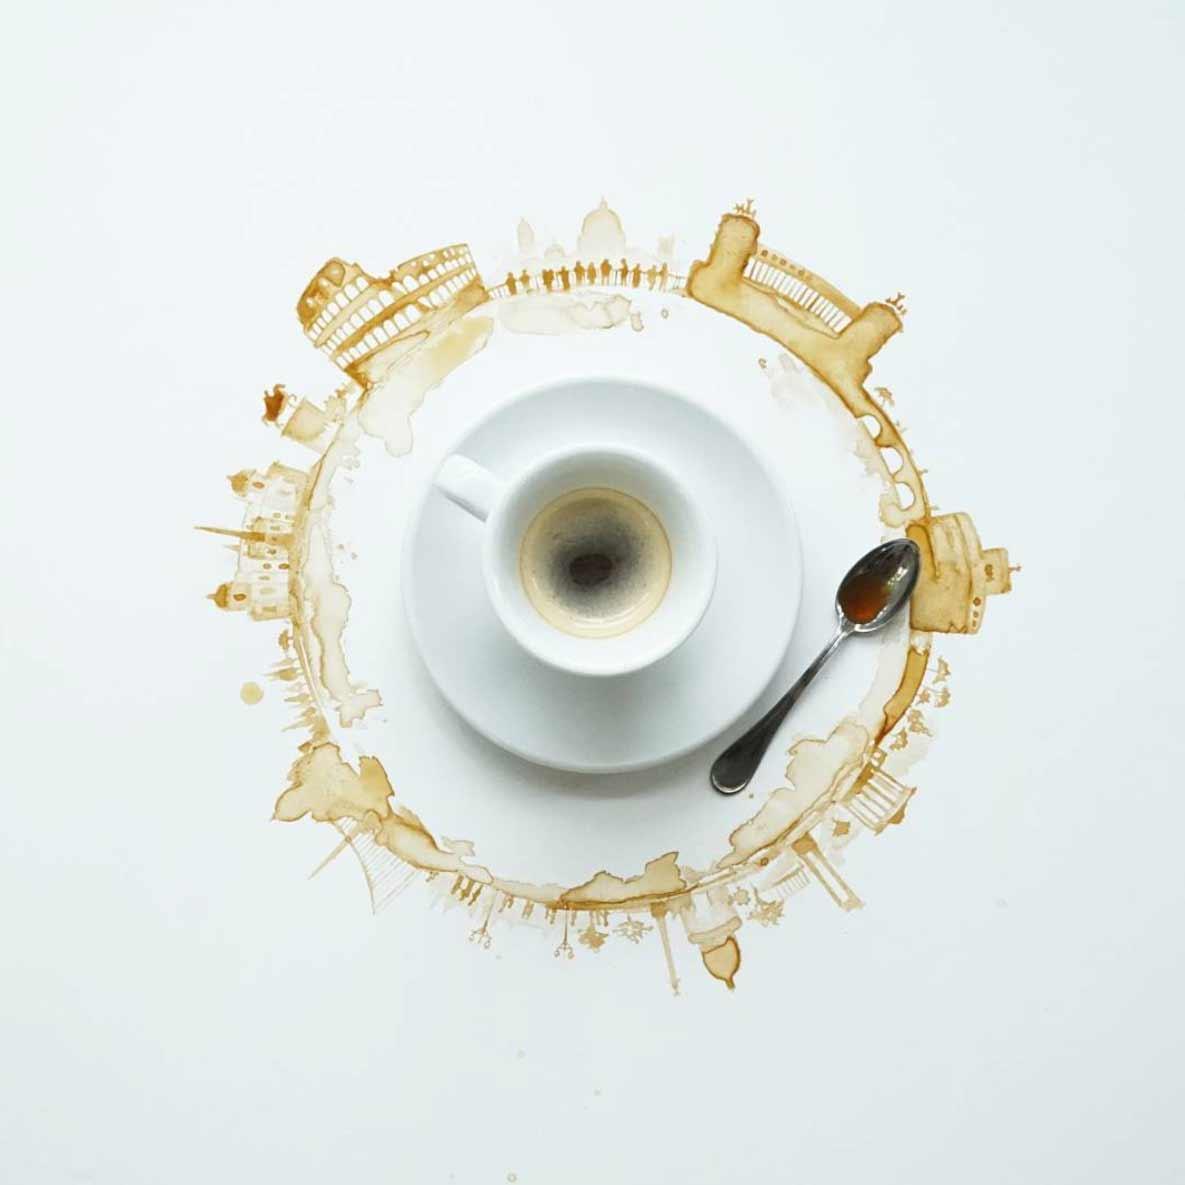 Neue Kaffee-Kunst von Giulia Bernardelli Giulia-Bernardelli-kaffeekunst-2_01